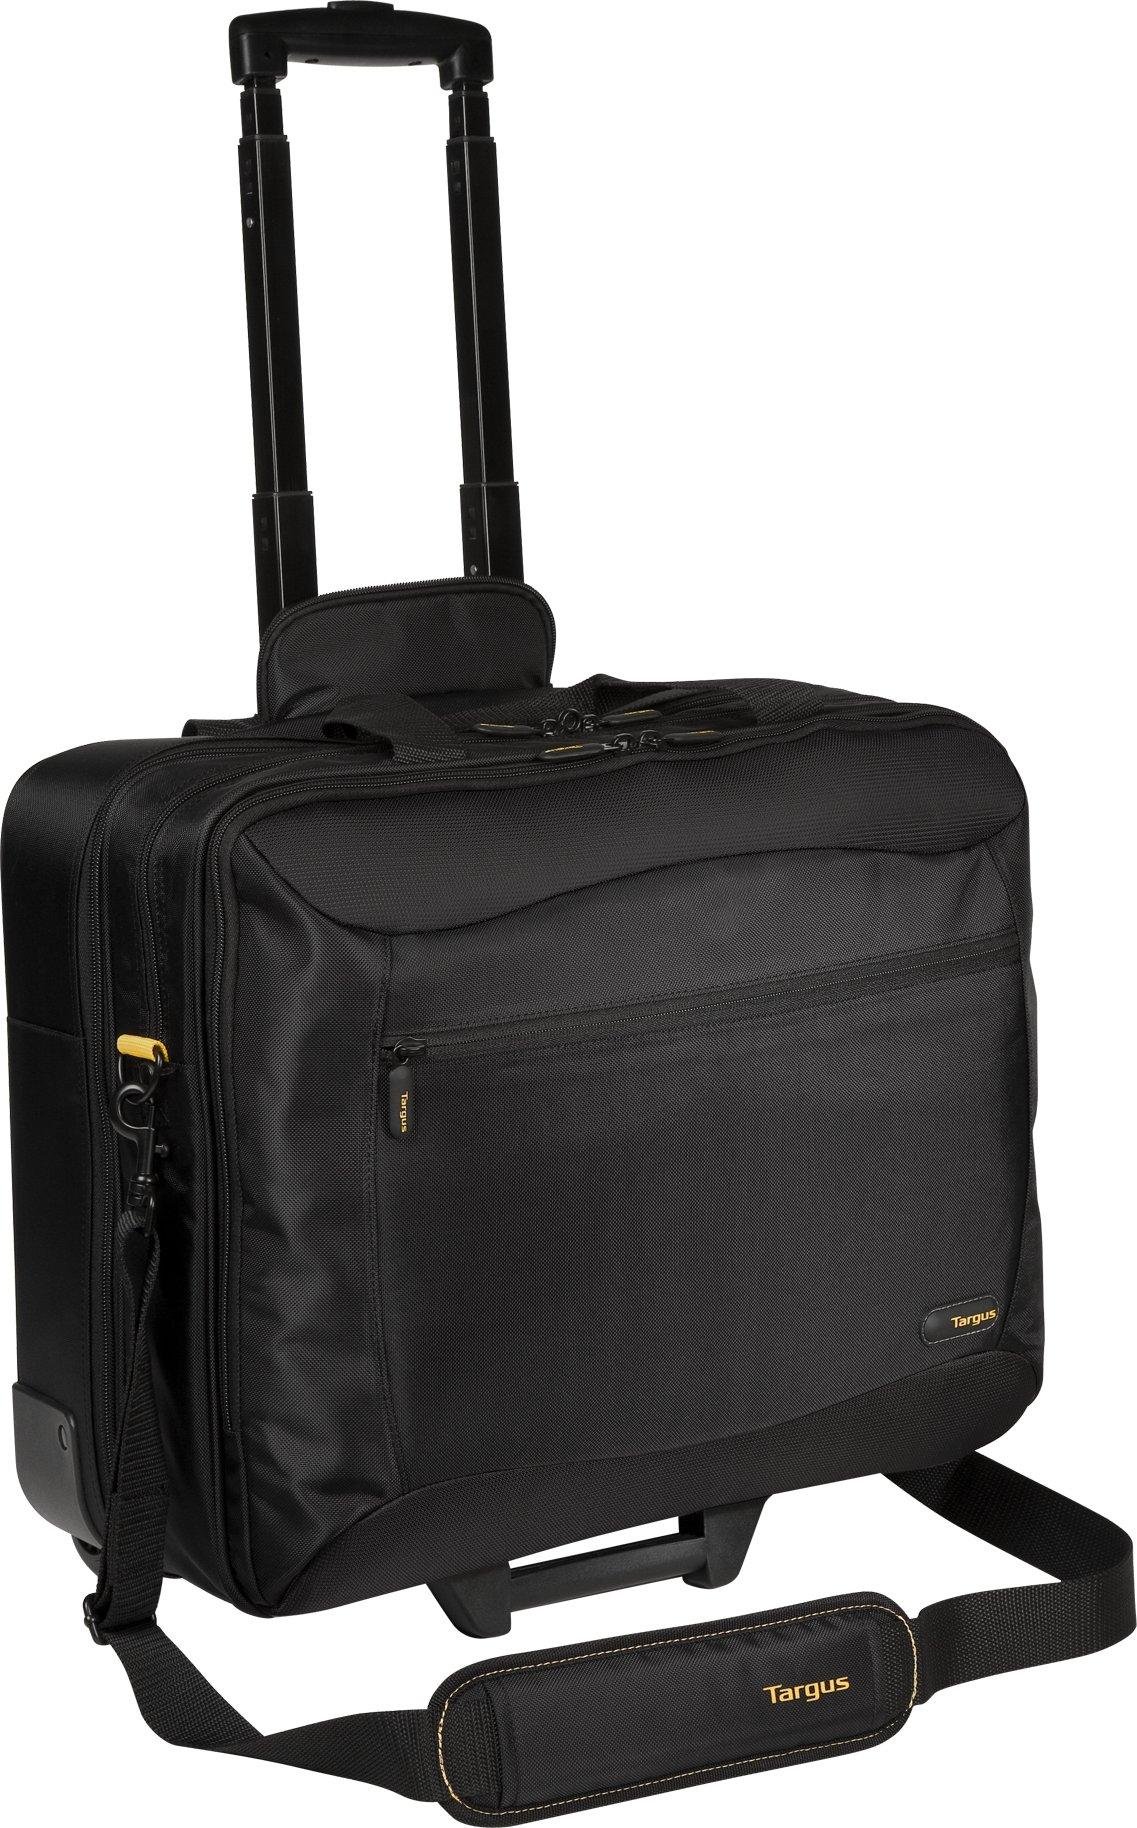 Targus CityGear Rolling Travel Case for 17.3-Inch Laptops, Black (TCG717)